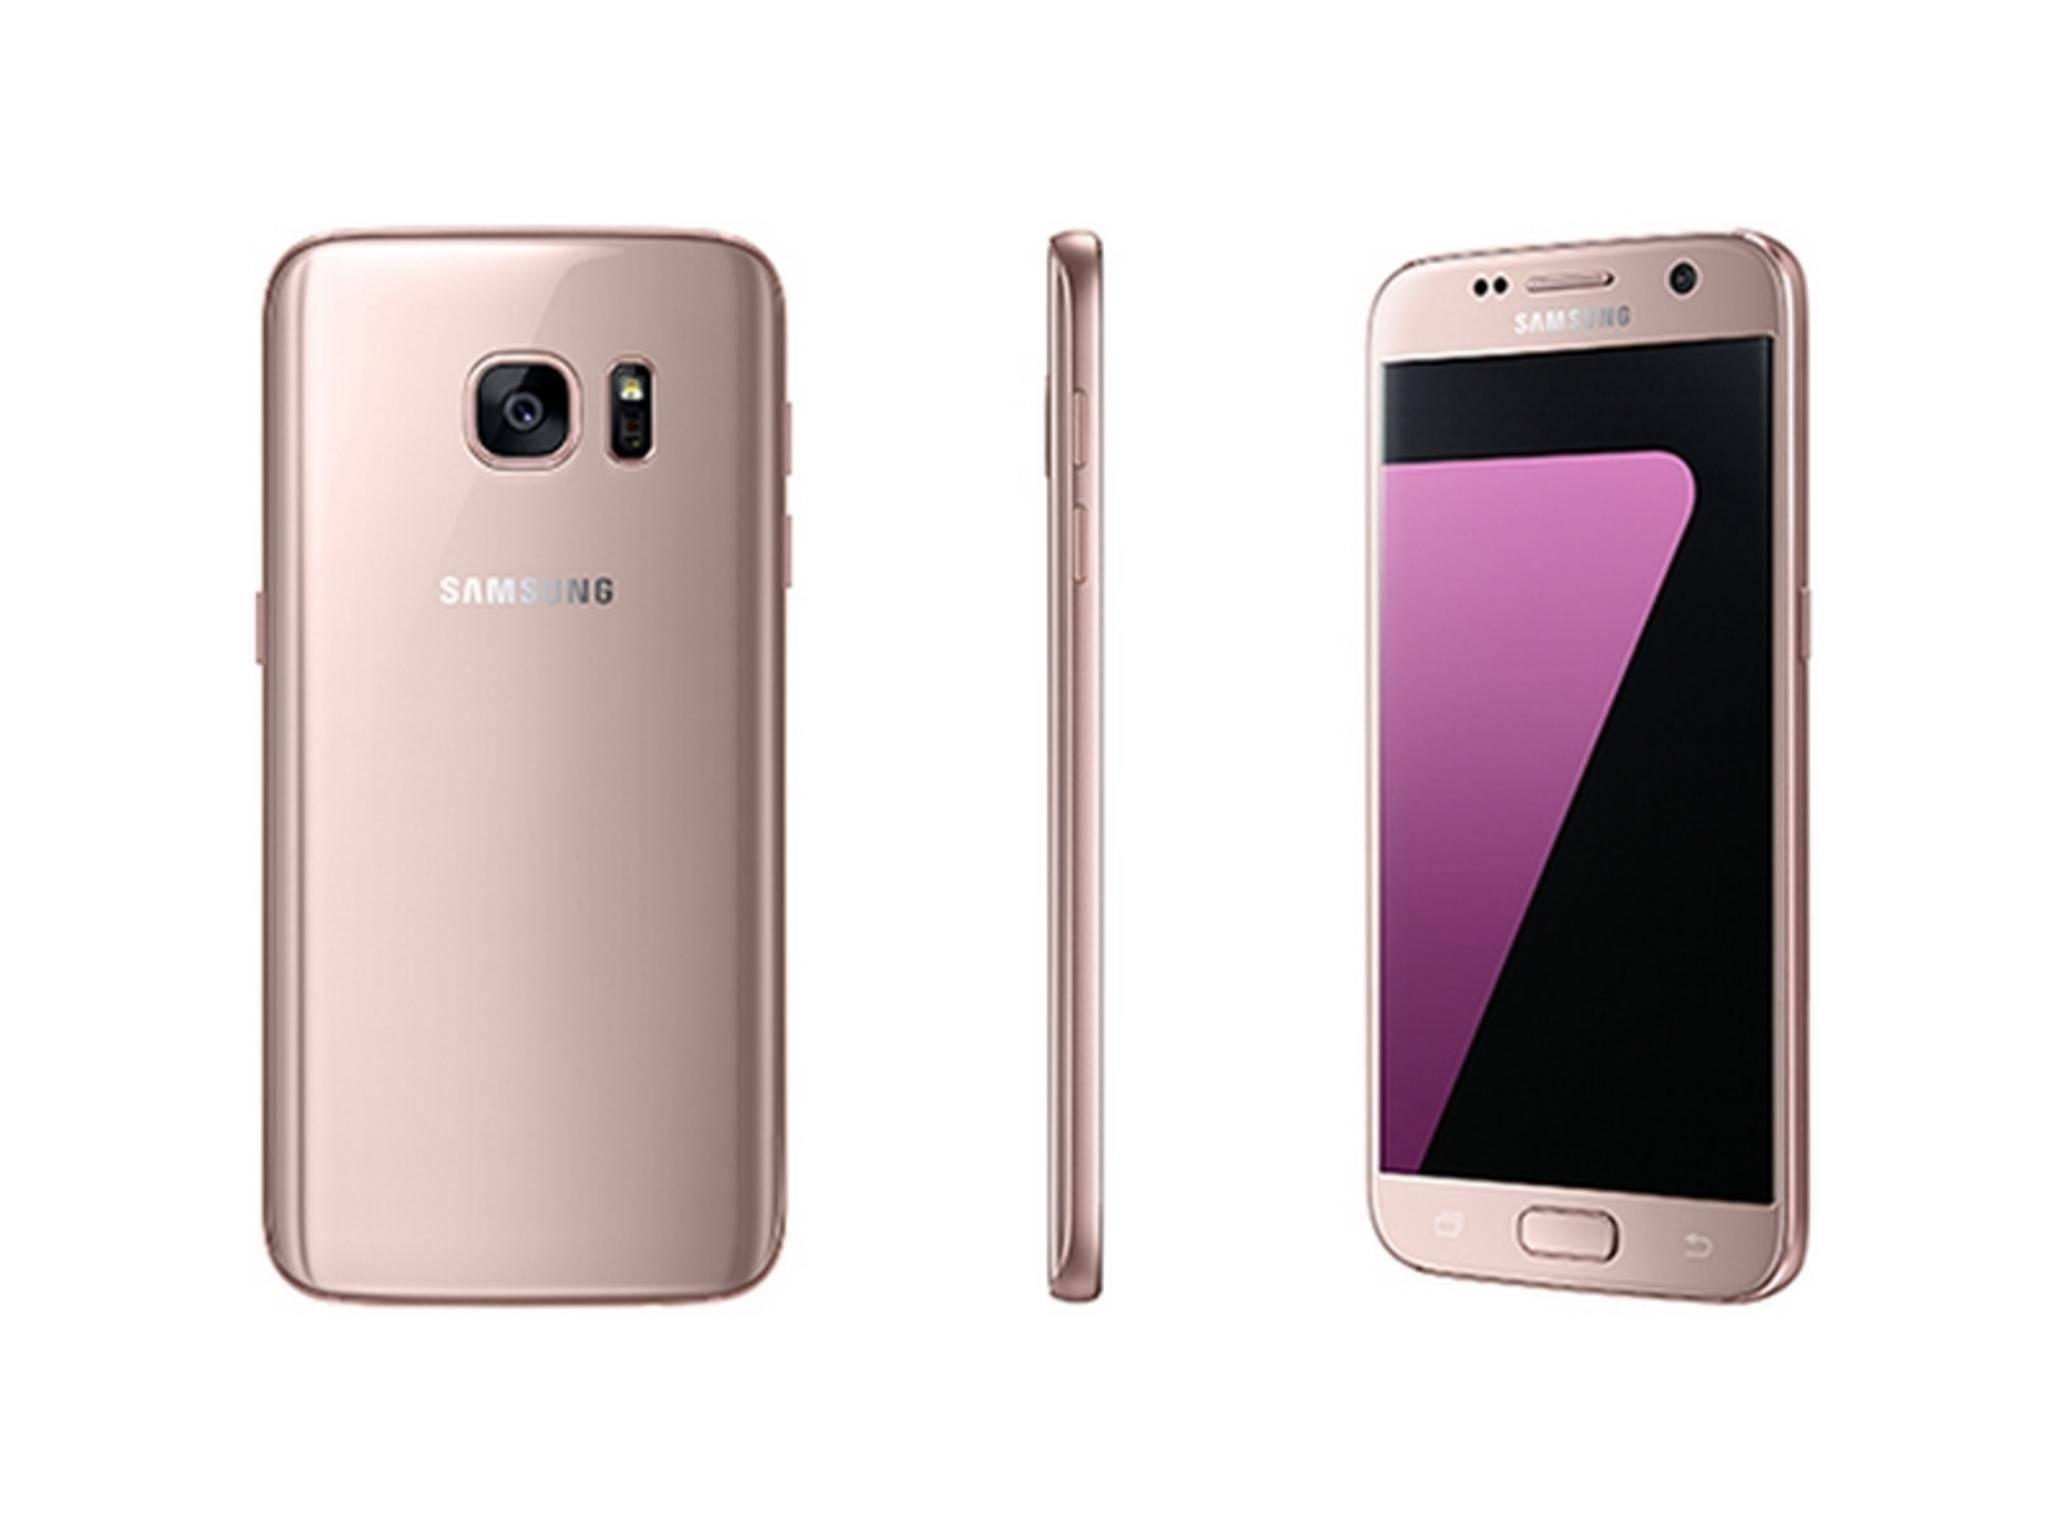 Dürfen wir vorstellen? Das Samsung Galaxy S7 in Pink Gold.